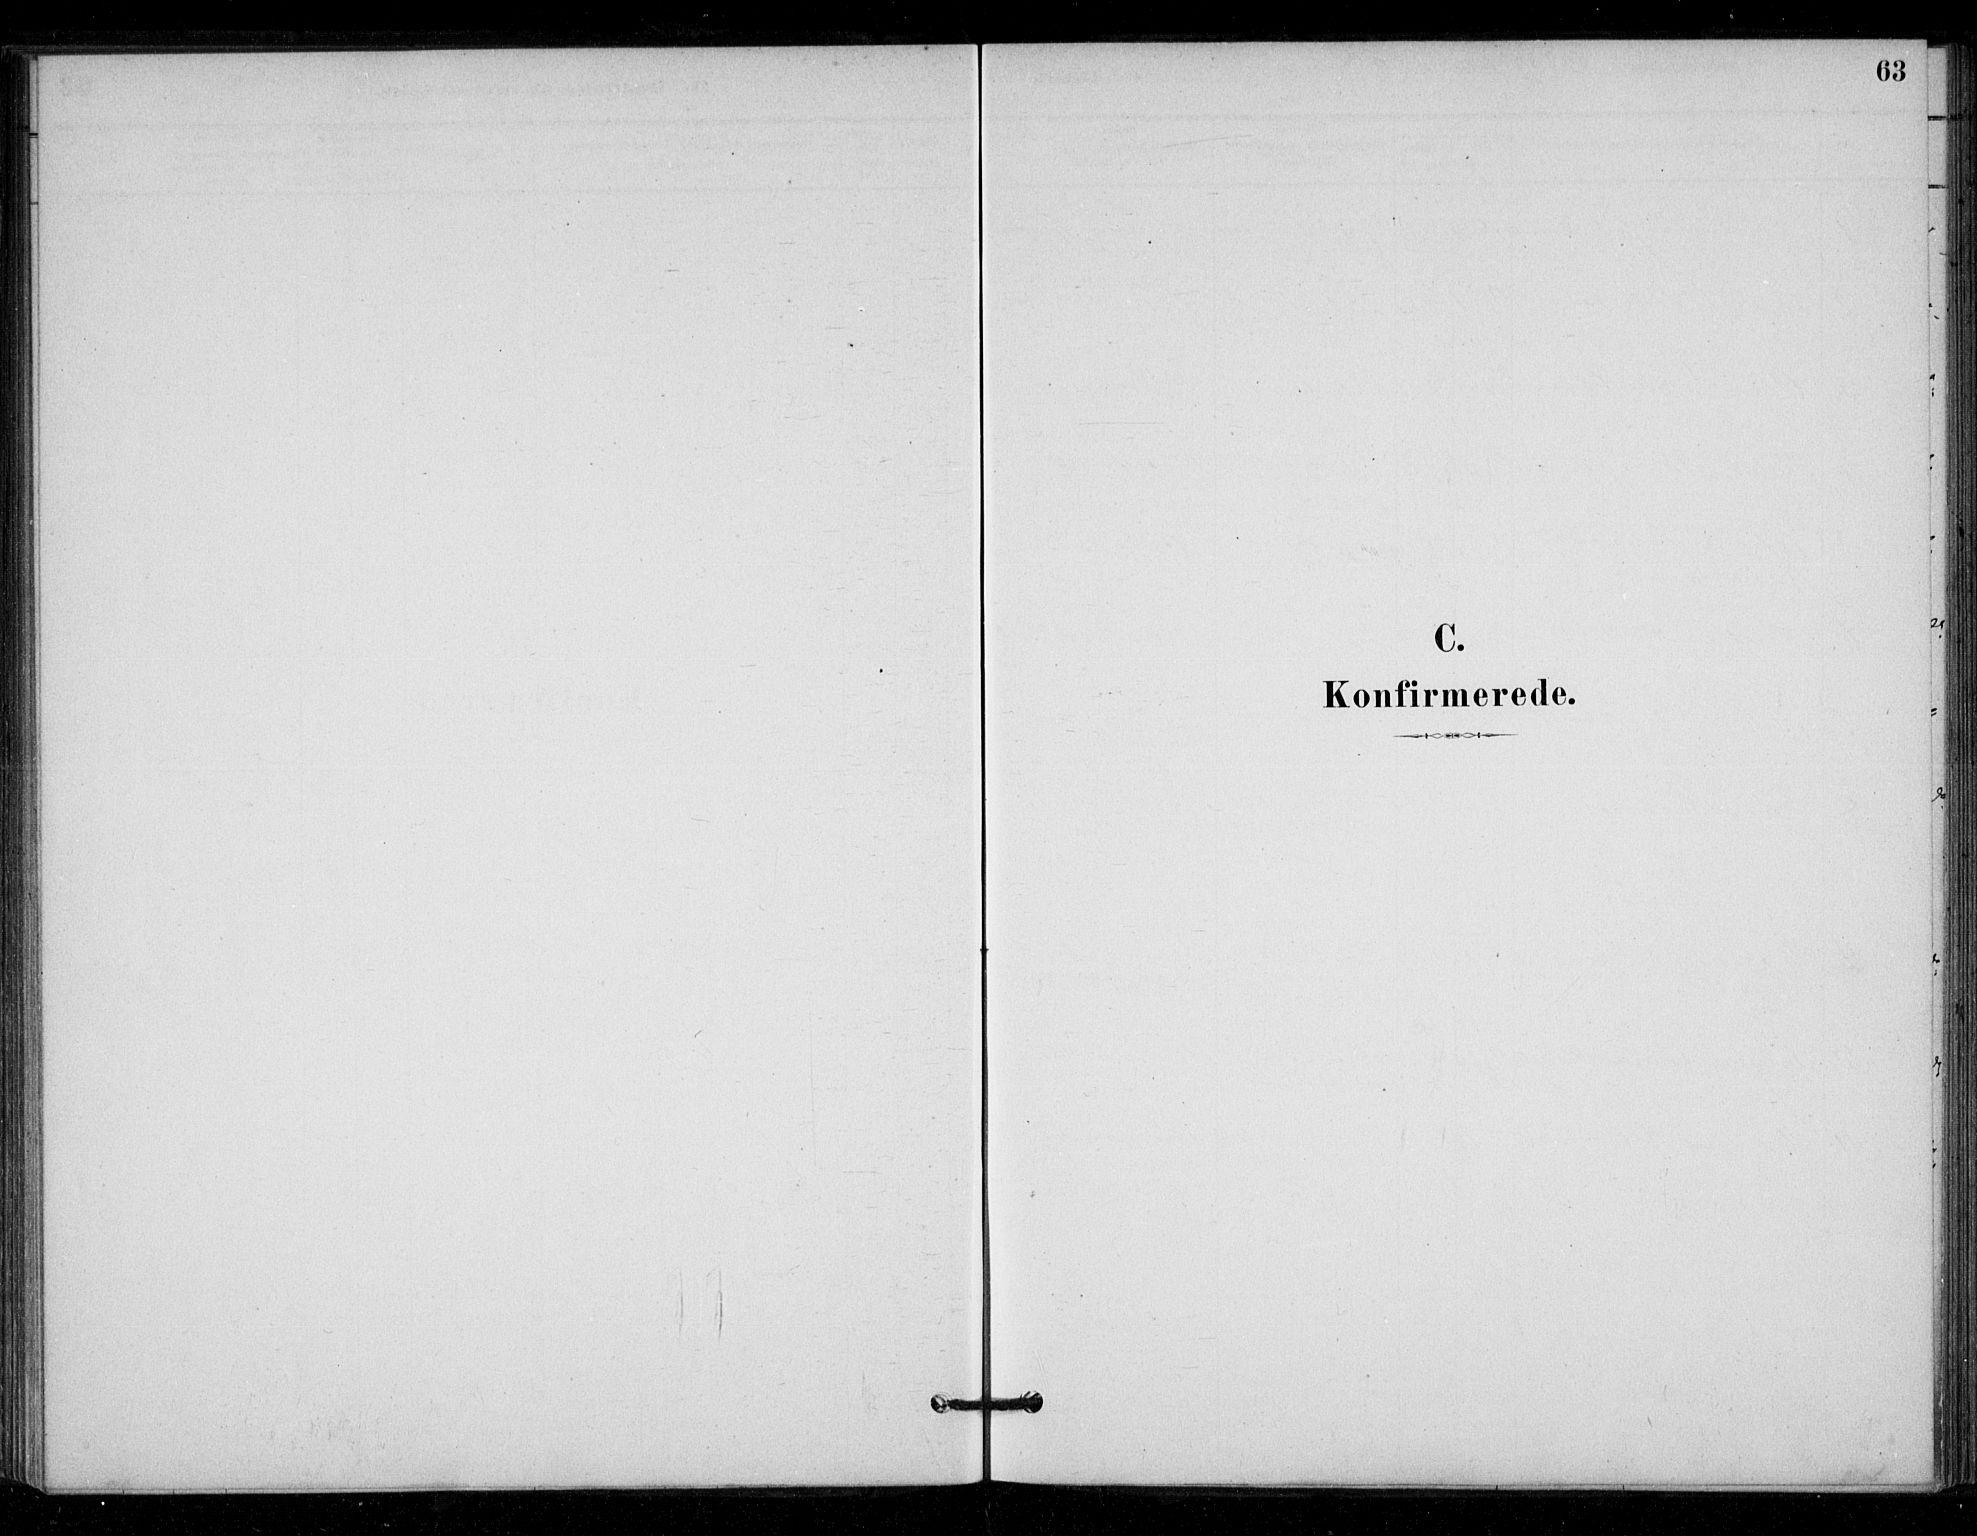 SAT, Ministerialprotokoller, klokkerbøker og fødselsregistre - Sør-Trøndelag, 670/L0836: Ministerialbok nr. 670A01, 1879-1904, s. 63